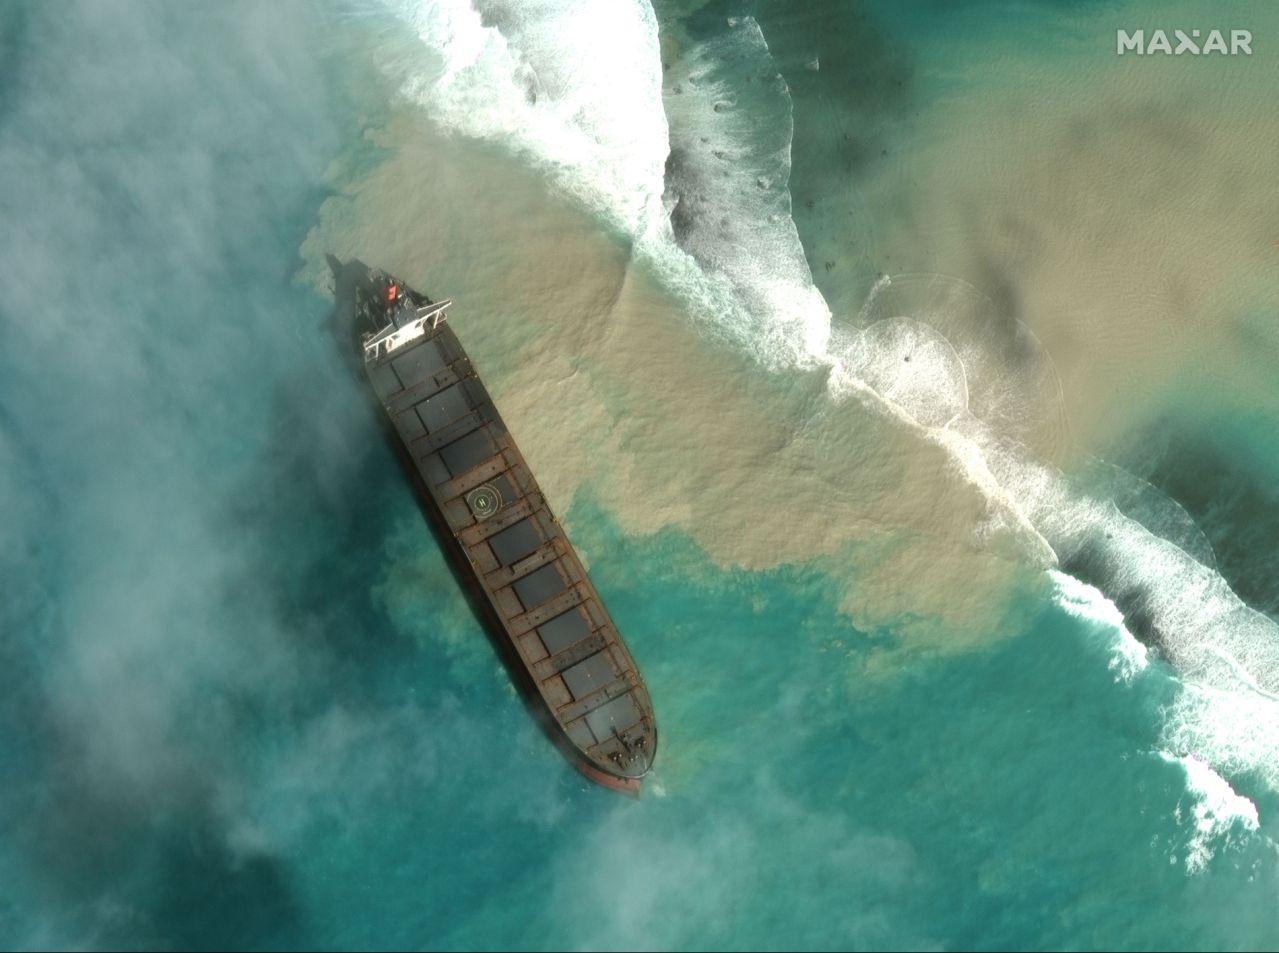 حالة طوارئ بيئية في موريشيوس بعد تسرب نفطي